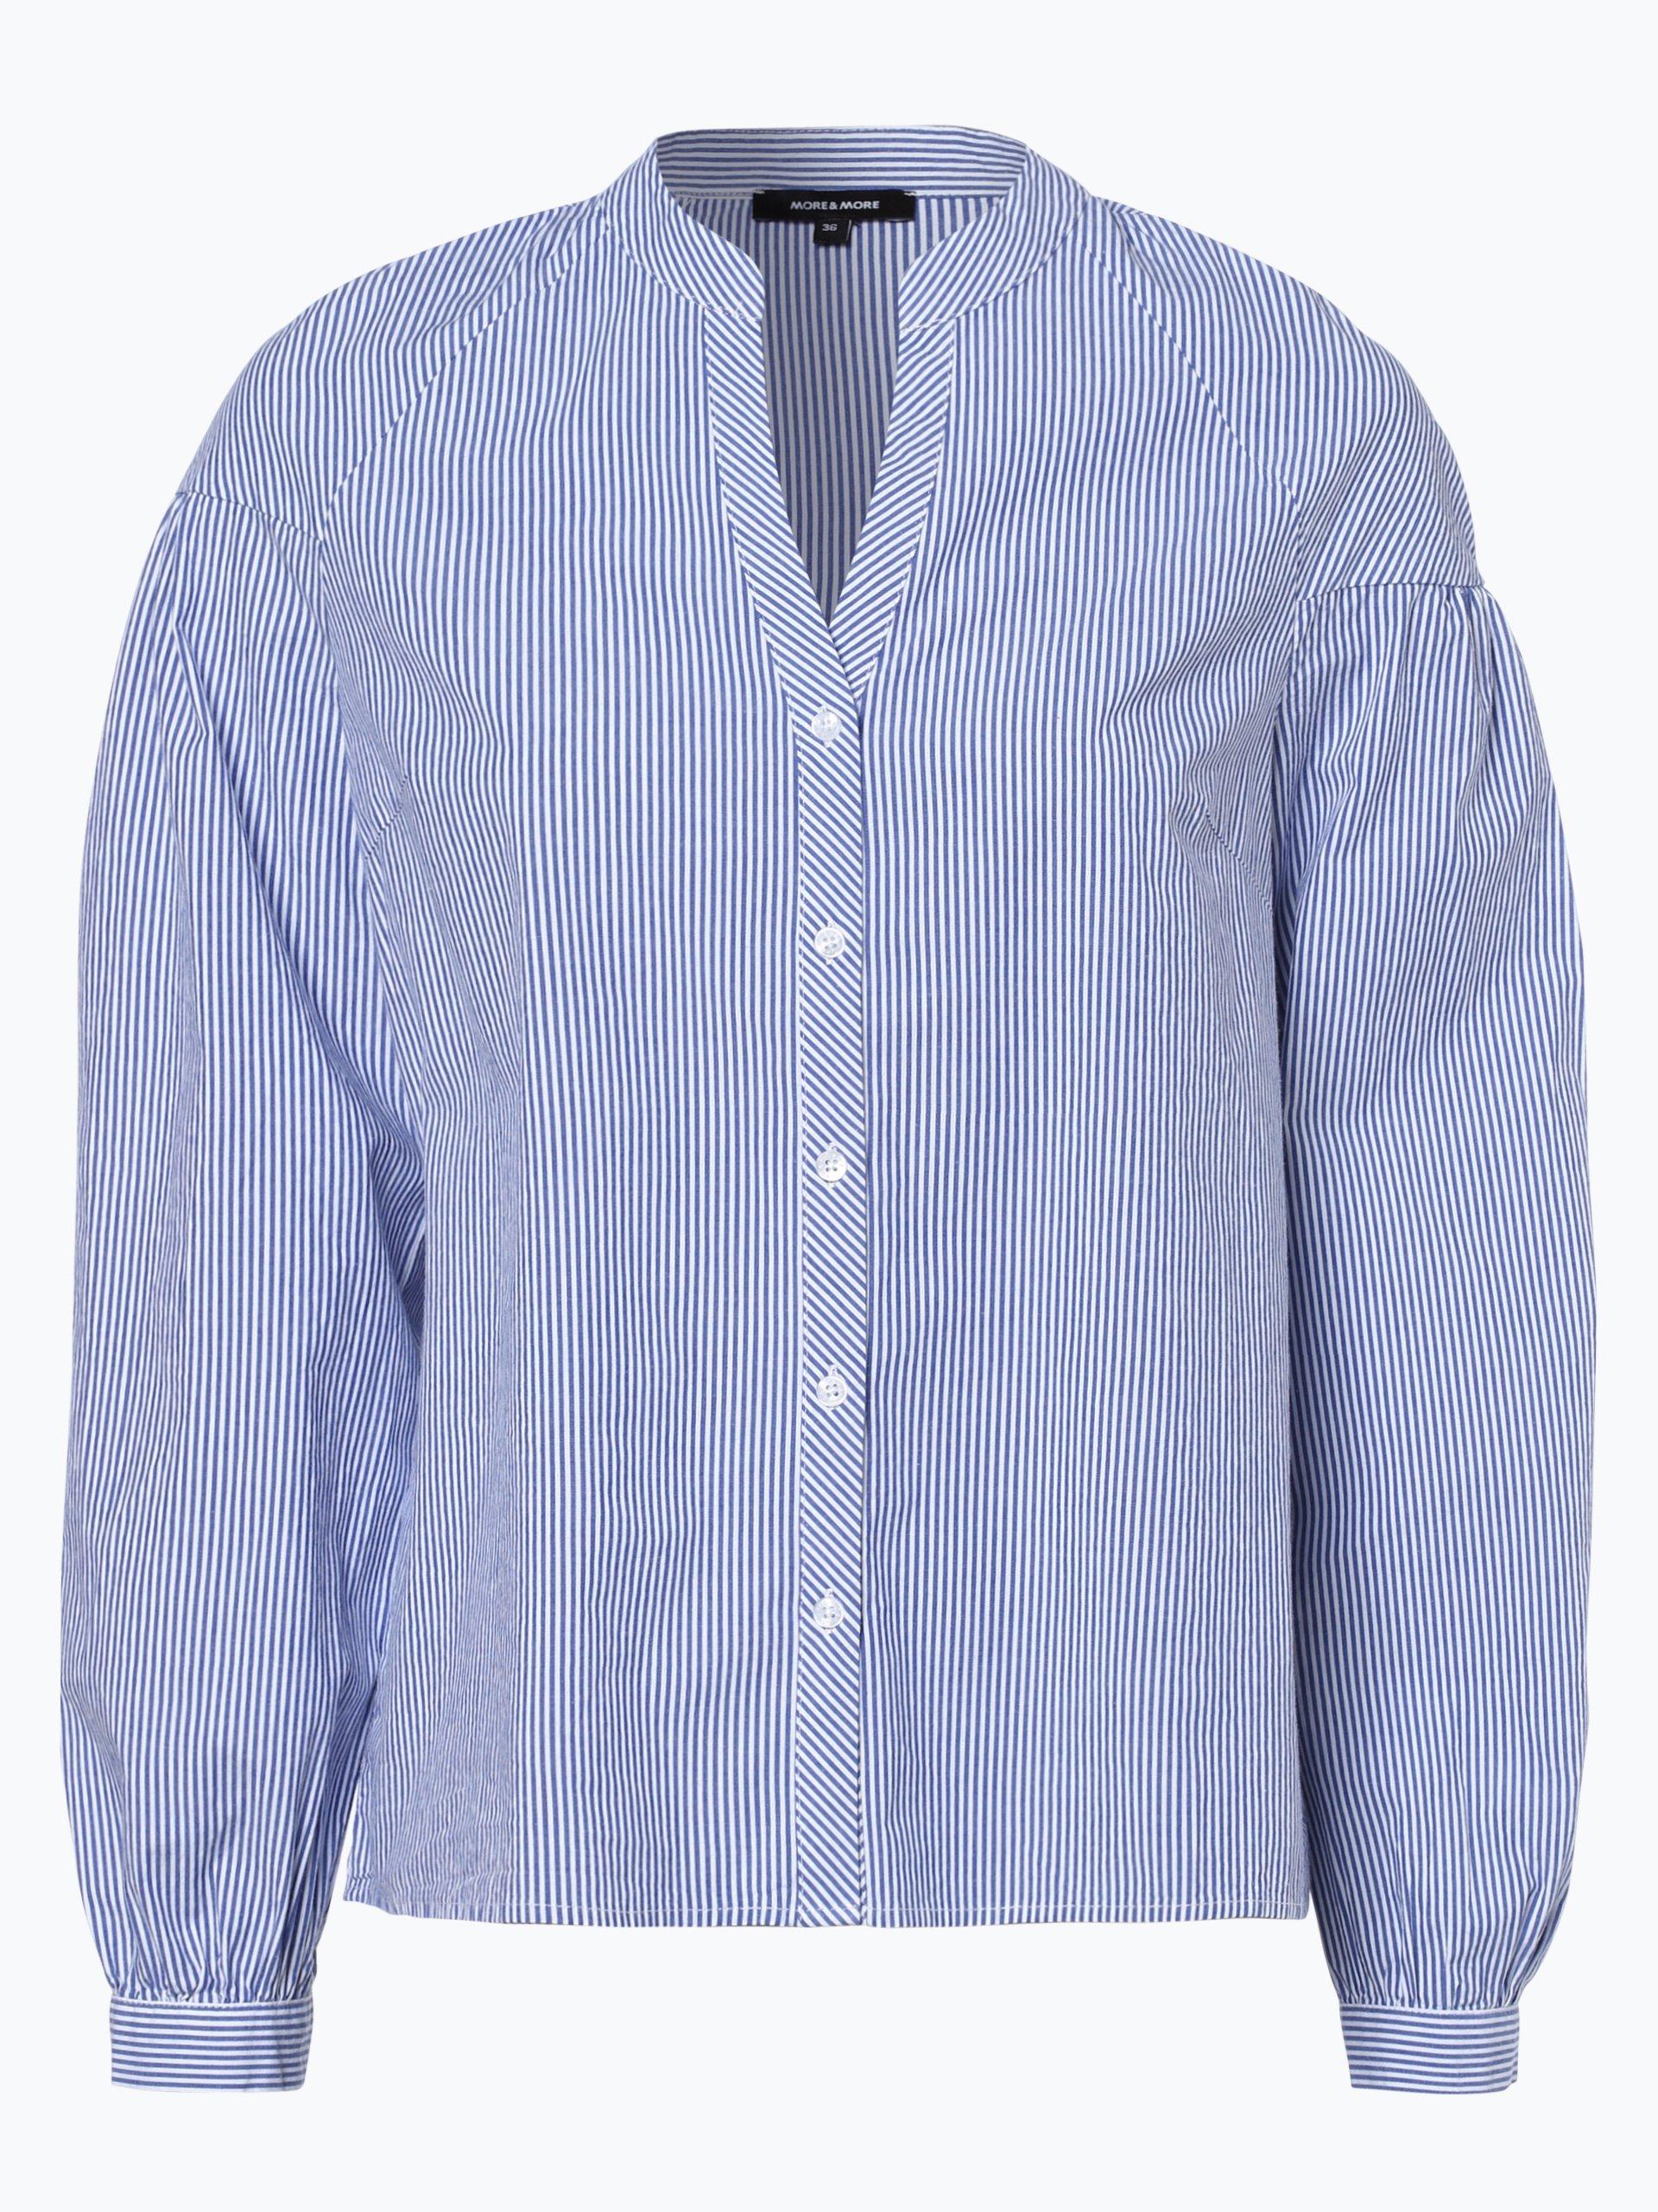 more more damen bluse hellblau gestreift online kaufen vangraaf com. Black Bedroom Furniture Sets. Home Design Ideas